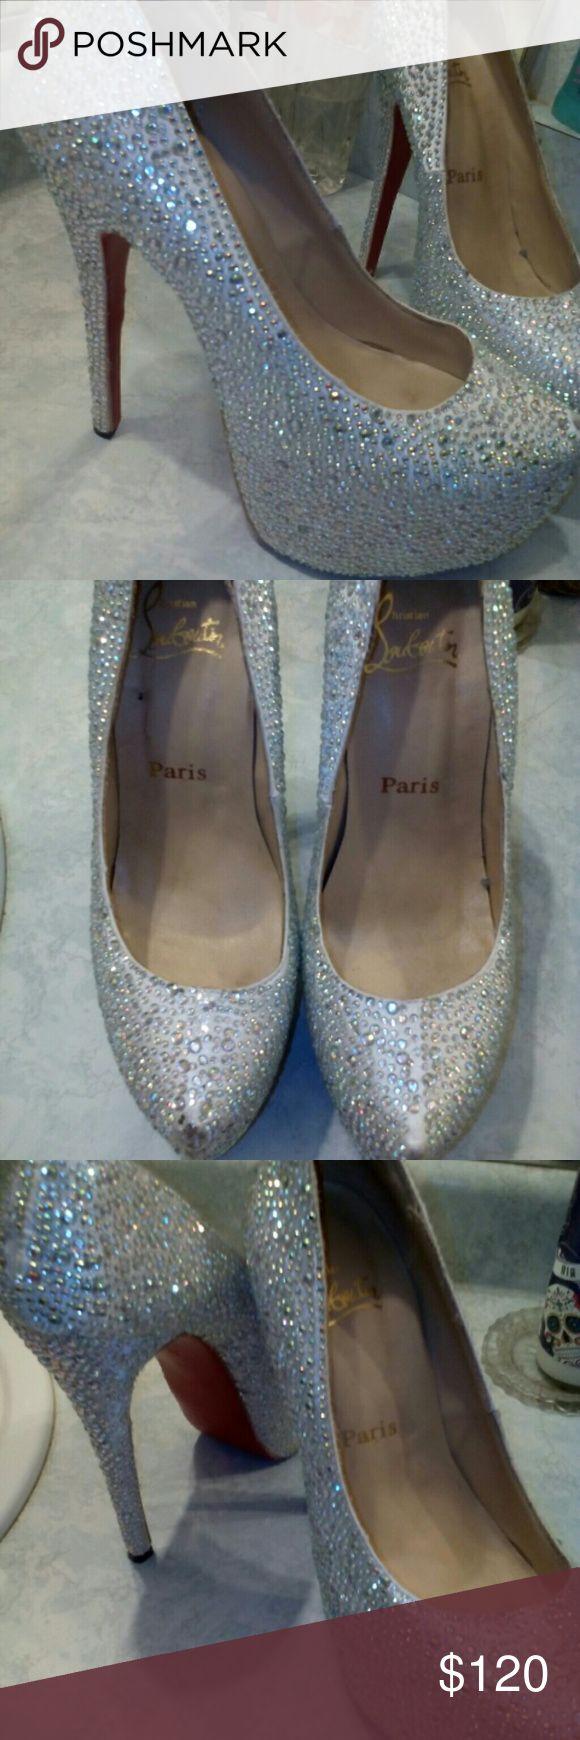 CL Shoes CL Heel Platform size 8 Shoes